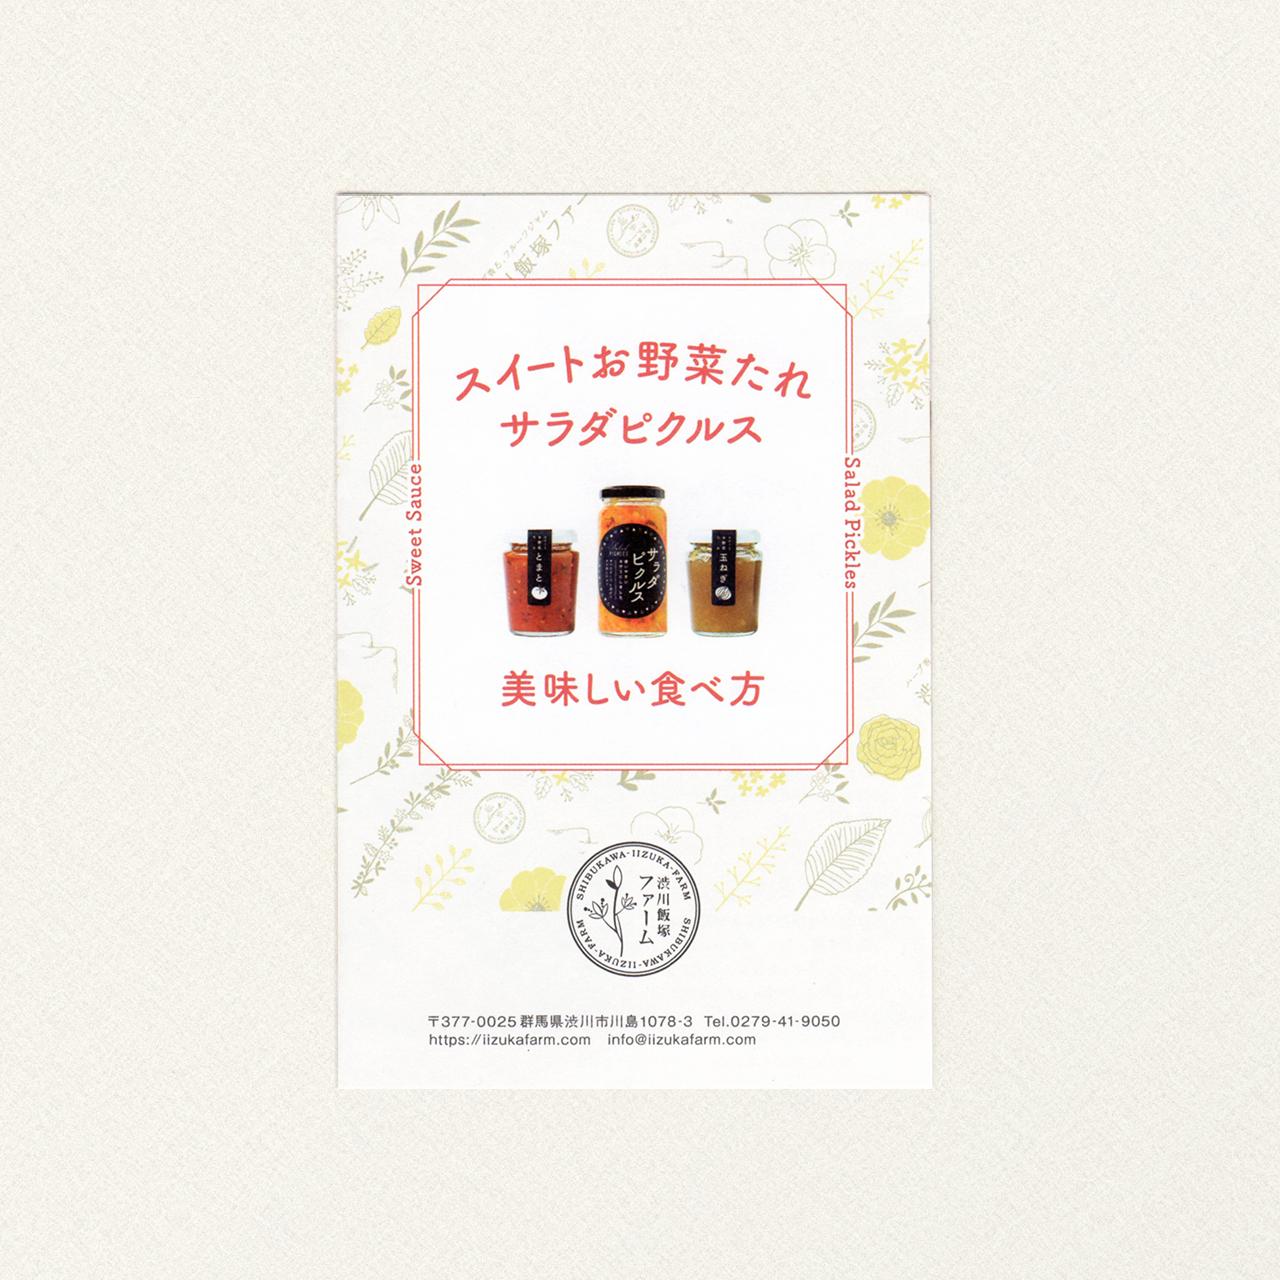 飯塚ファームおすすめの食べ方 レシピ 表紙 リーフレット